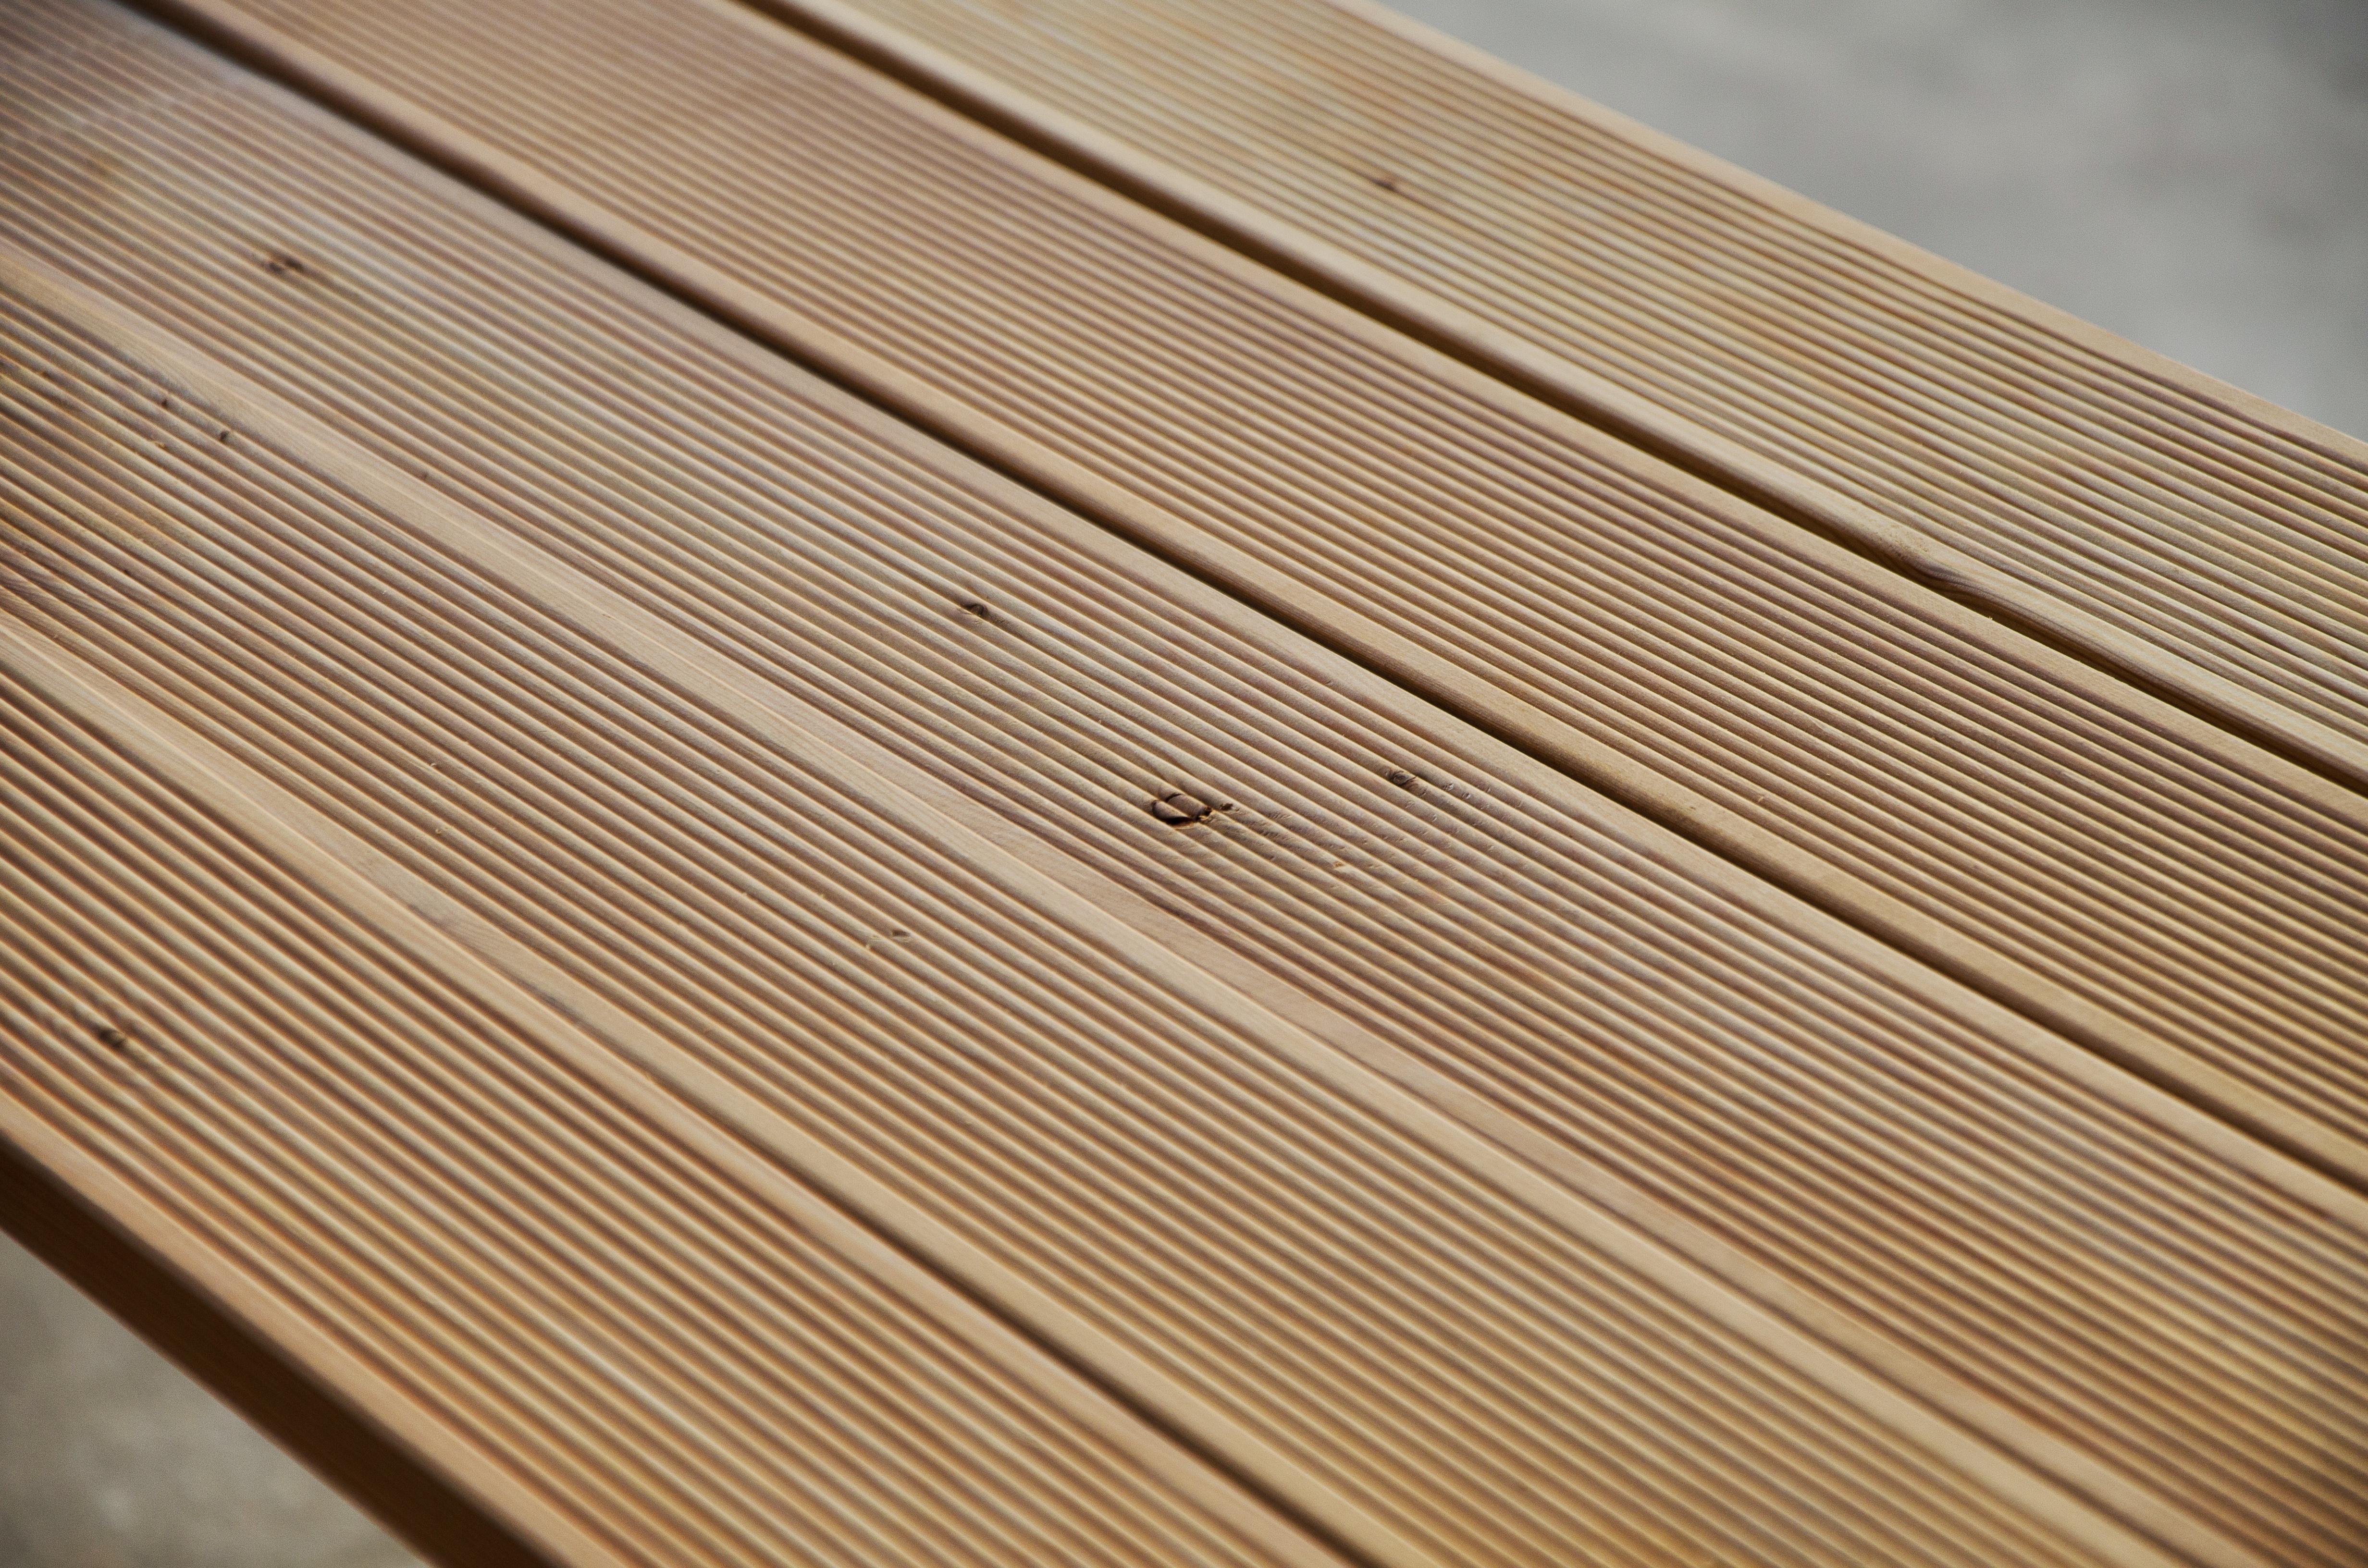 Pavimento in legno da esterno decking larice siberiano ebay for Pavimento da esterno ikea